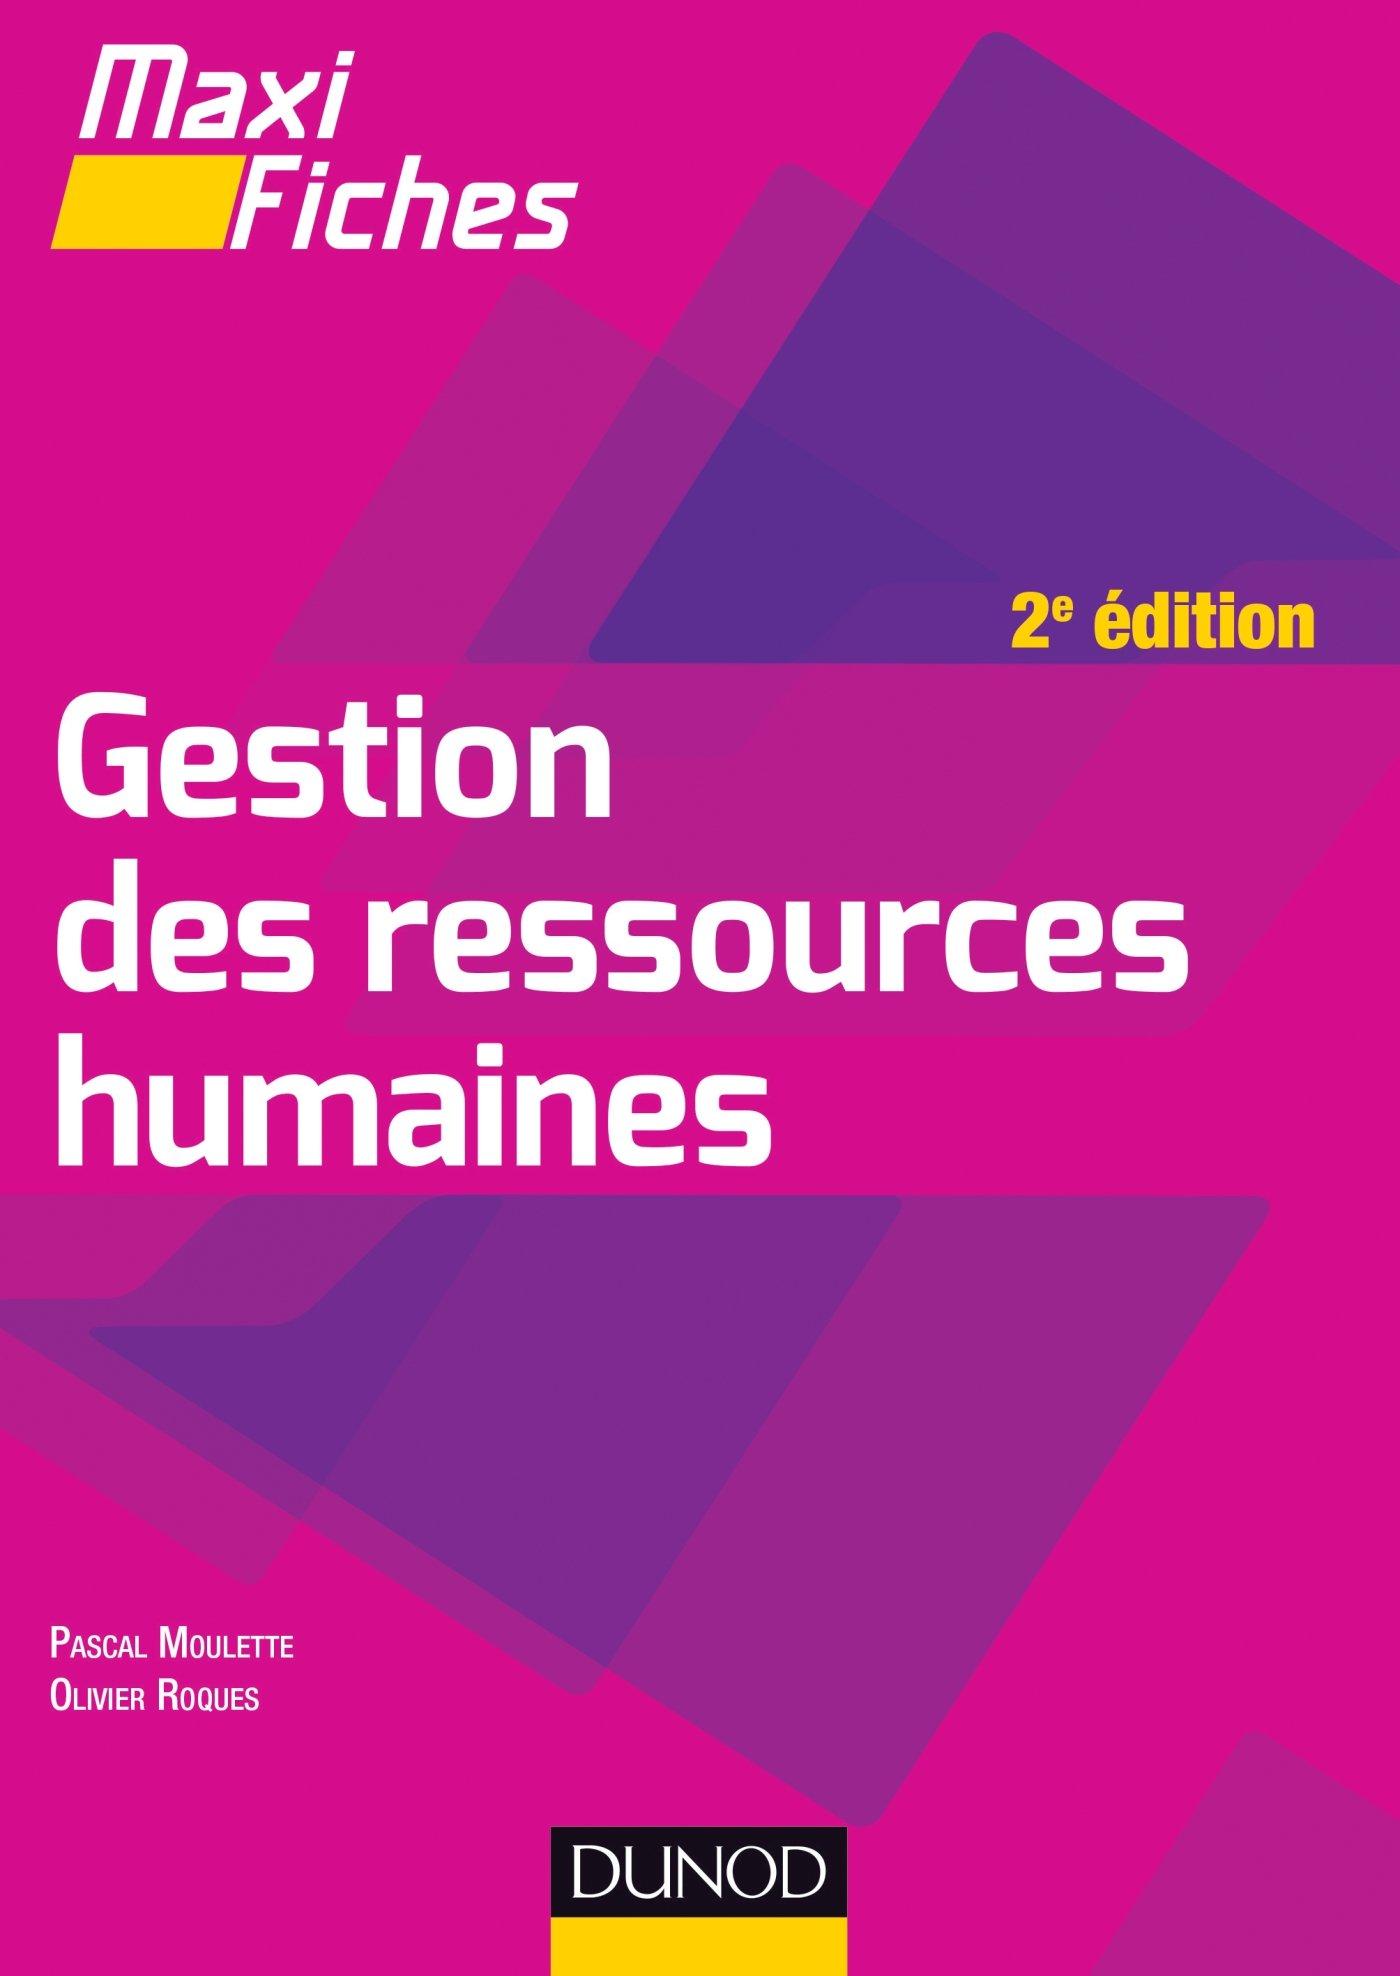 Maxi Fiches de Gestion des ressources humaines